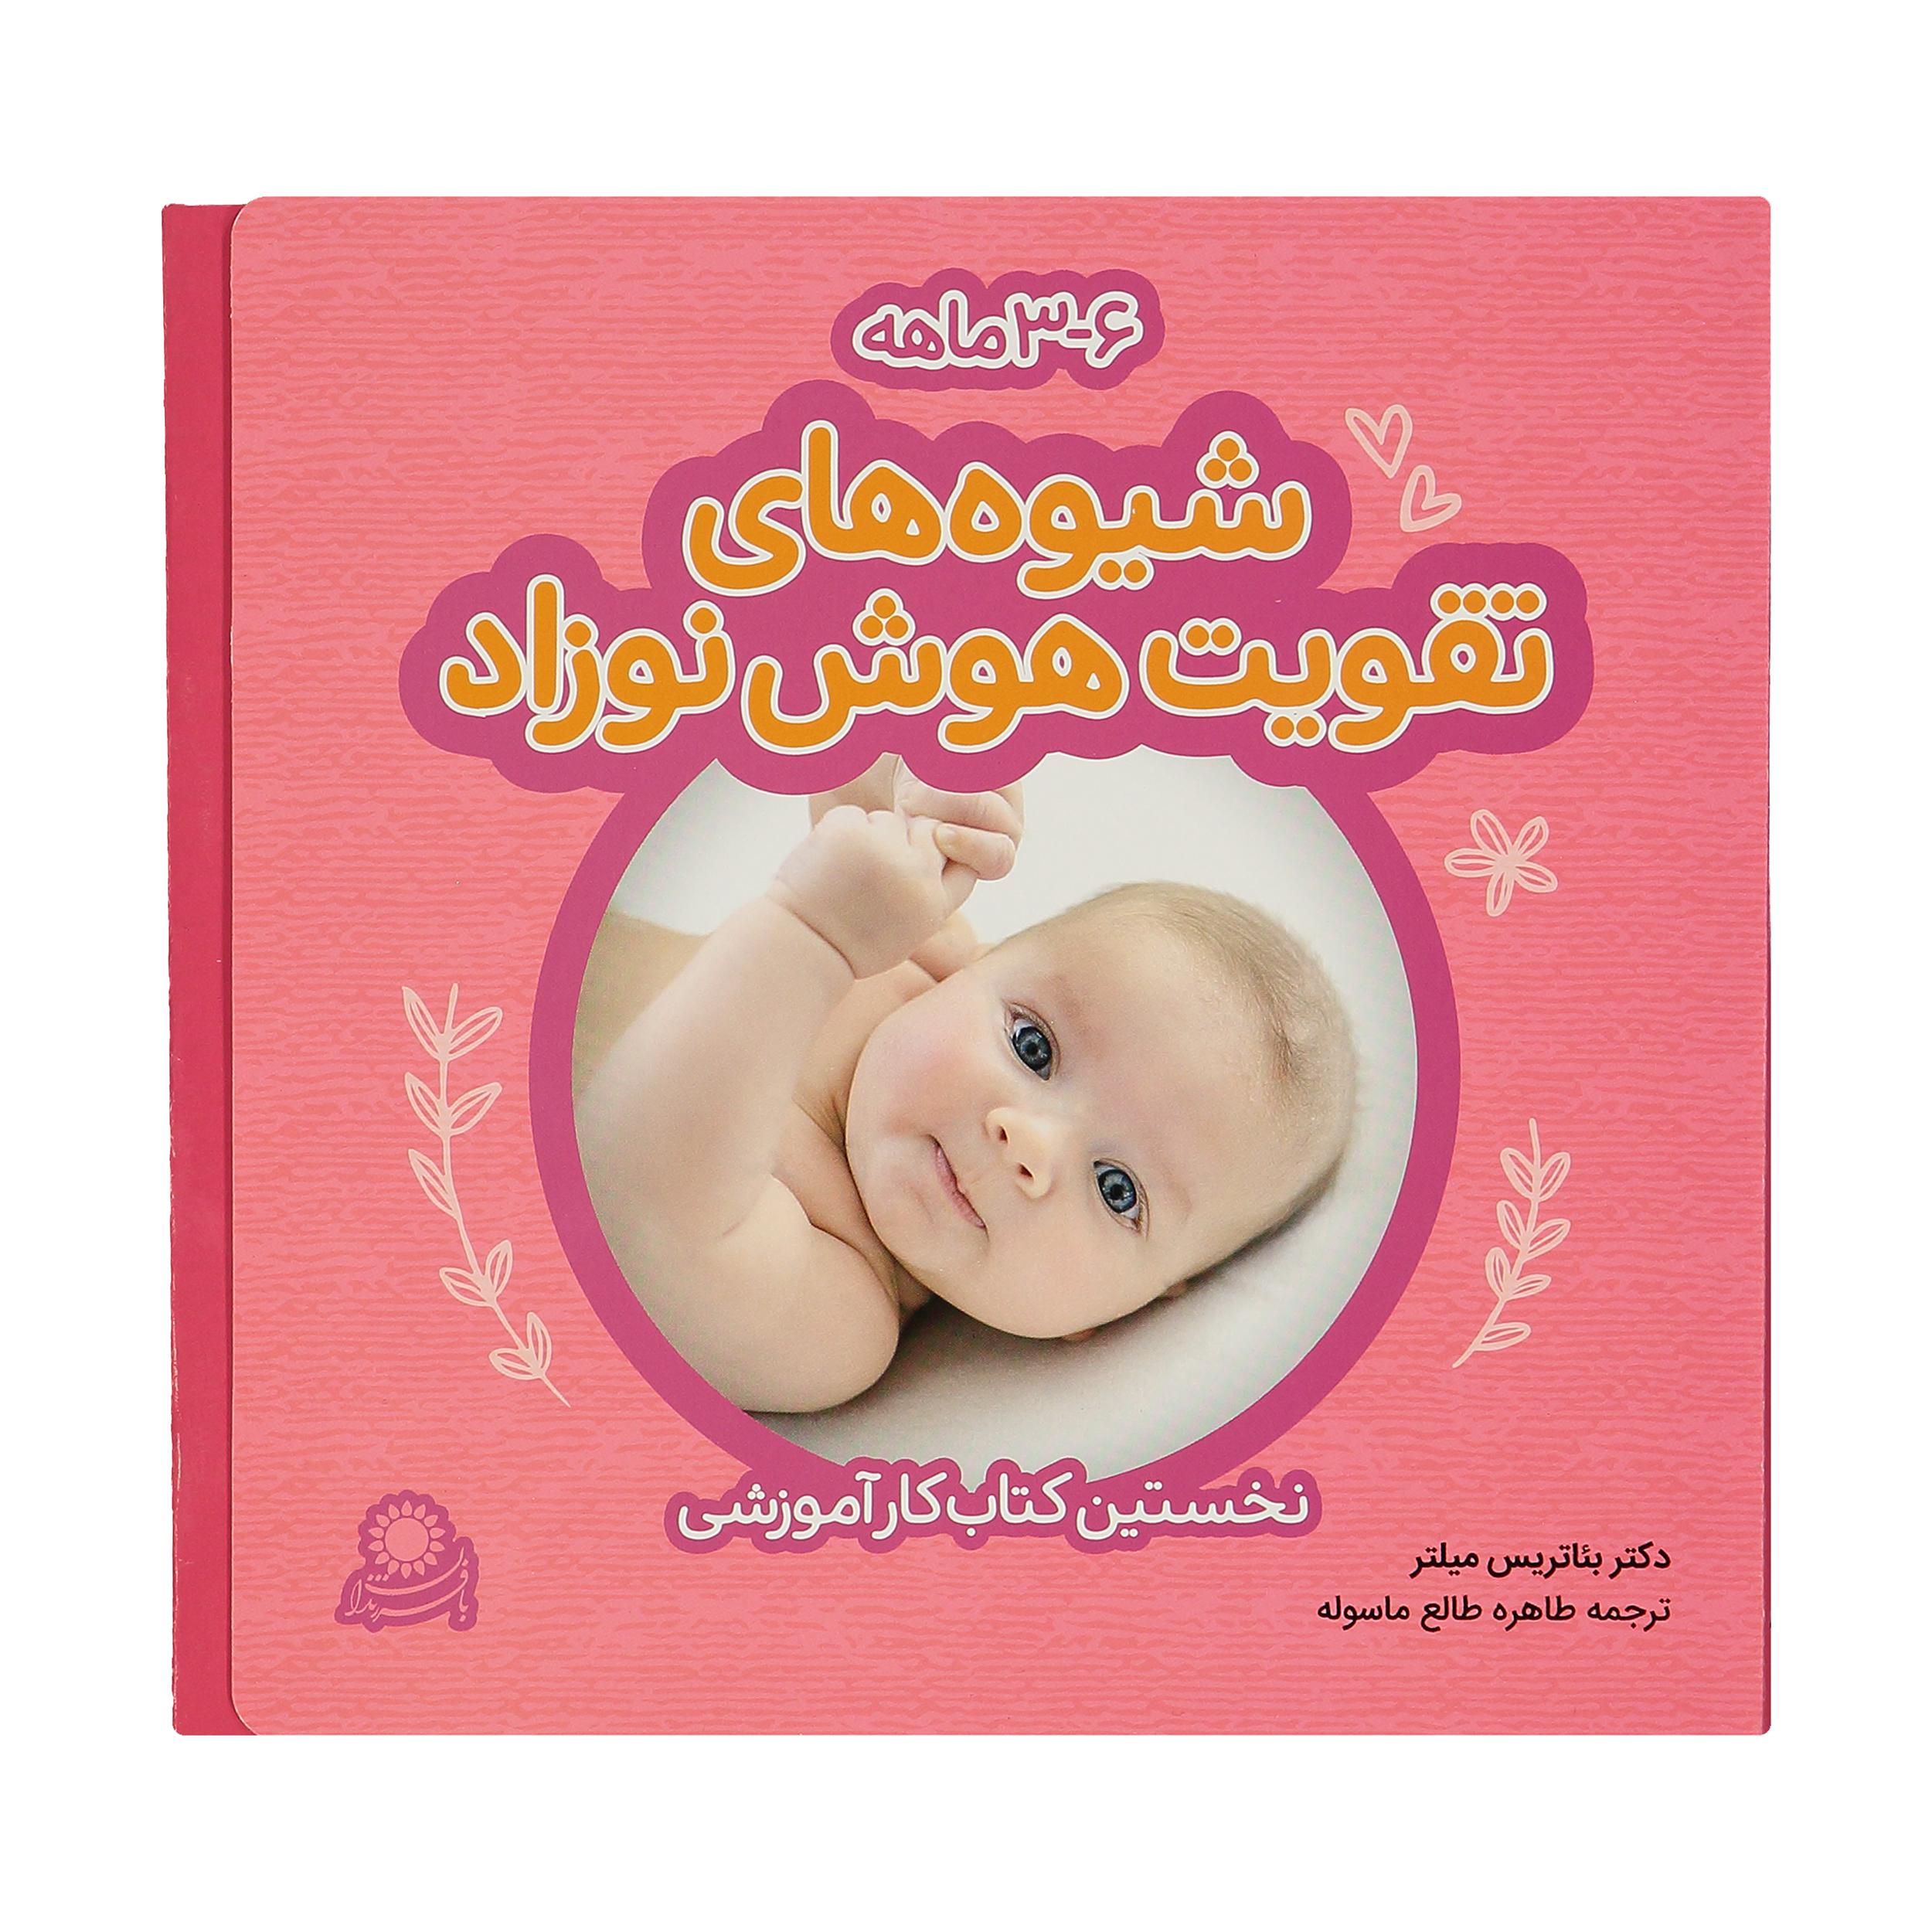 کتاب شیوه های تقویت هوش نوزاد 3 تا 6 ماهه اثر بئاتریس میلتر